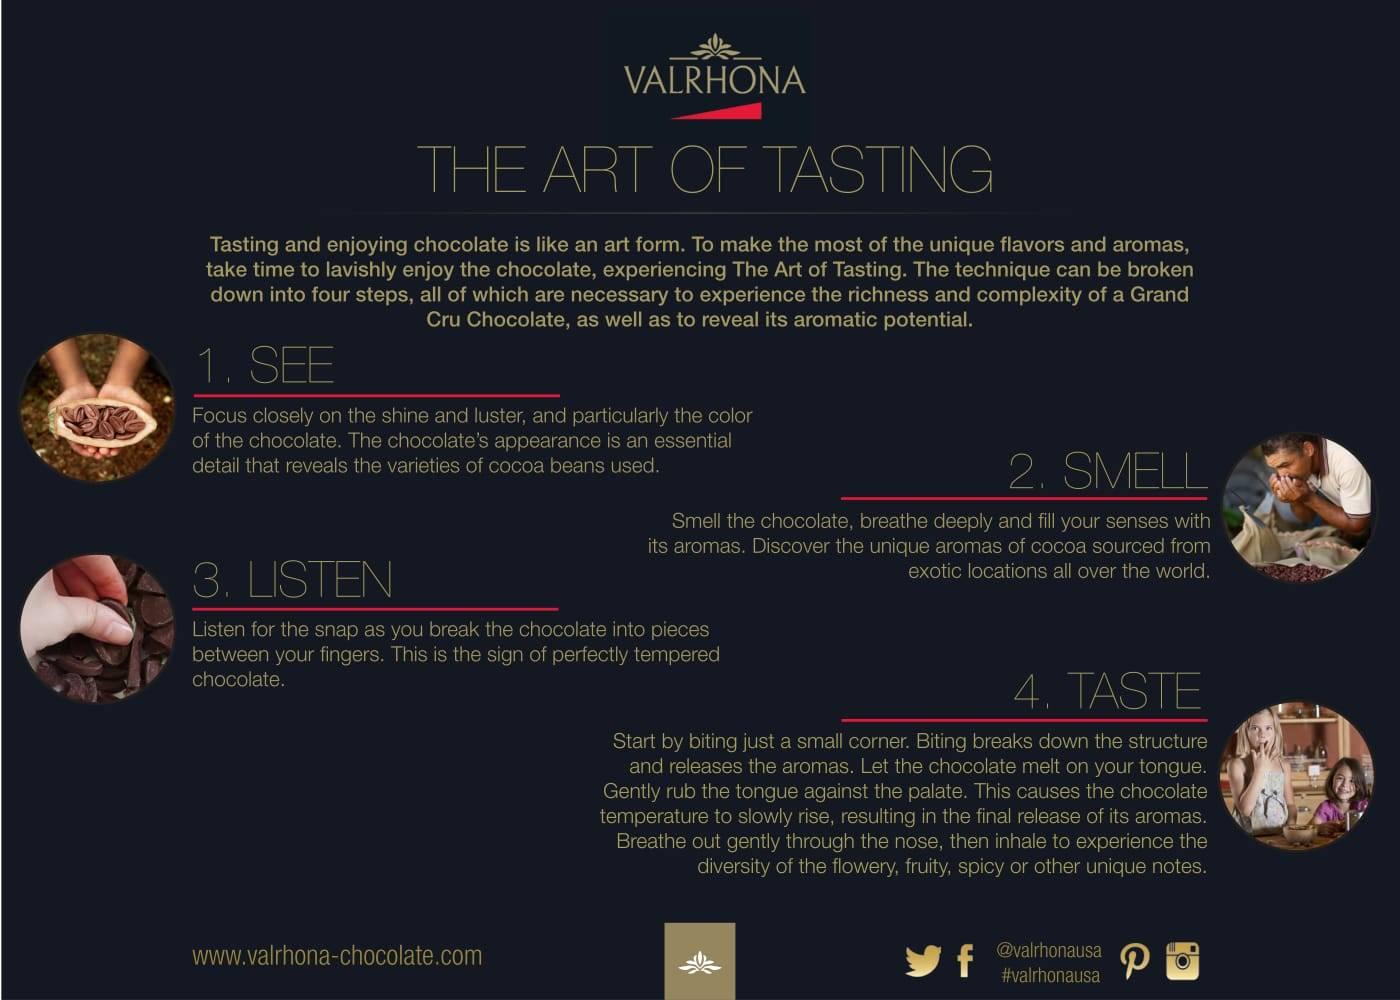 Art of Tasting